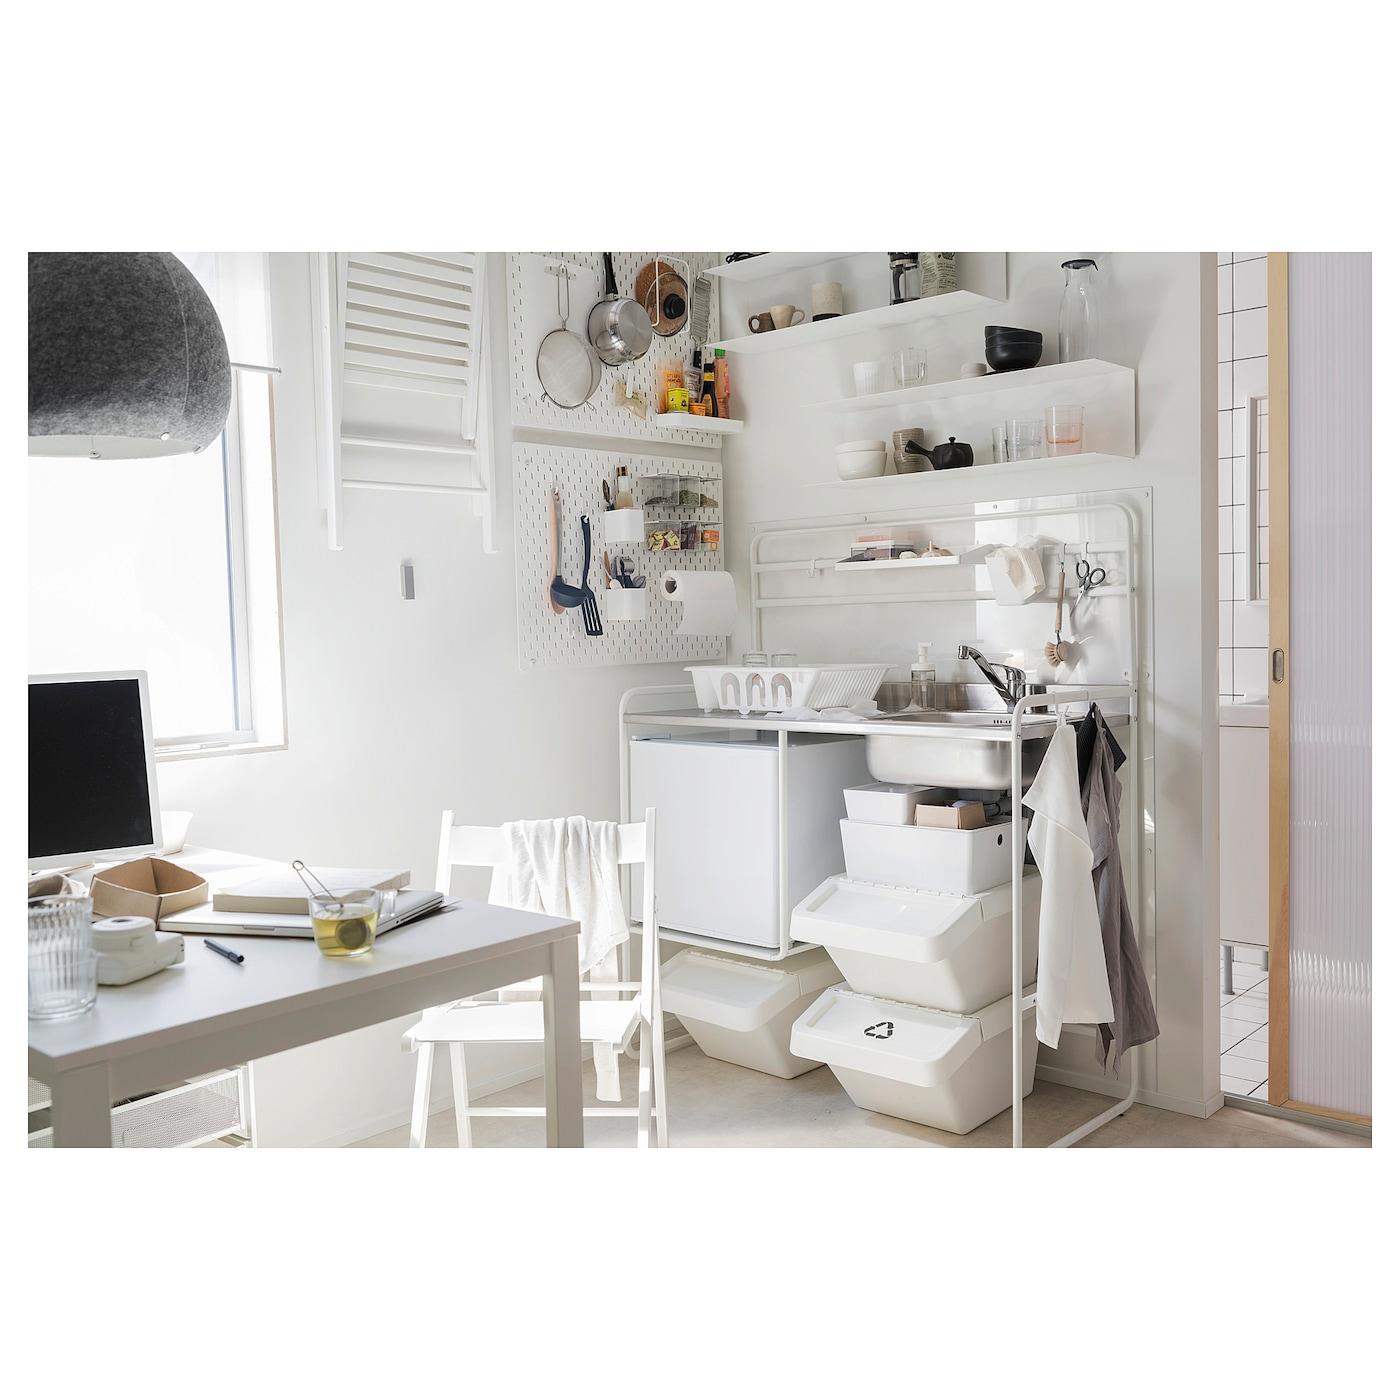 Full Size of Betten Ikea 160x200 Sofa Mit Schlaffunktion Küche Kaufen Kosten Modulküche Miniküche Bei Wohnzimmer Miniküchen Ikea